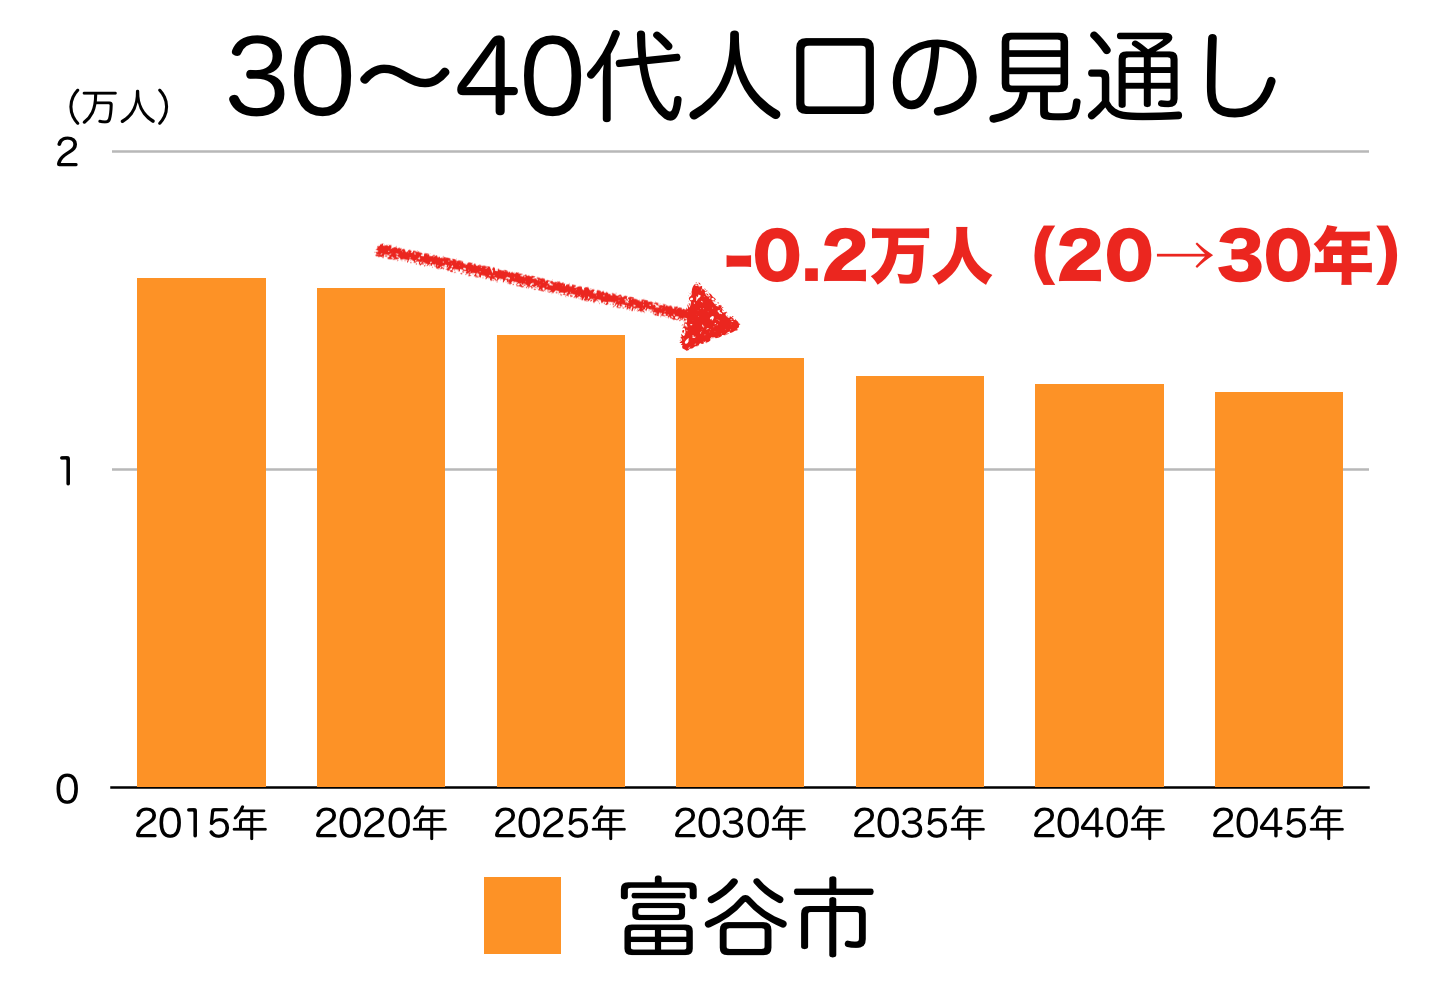 富谷市の30〜40代人口の予測